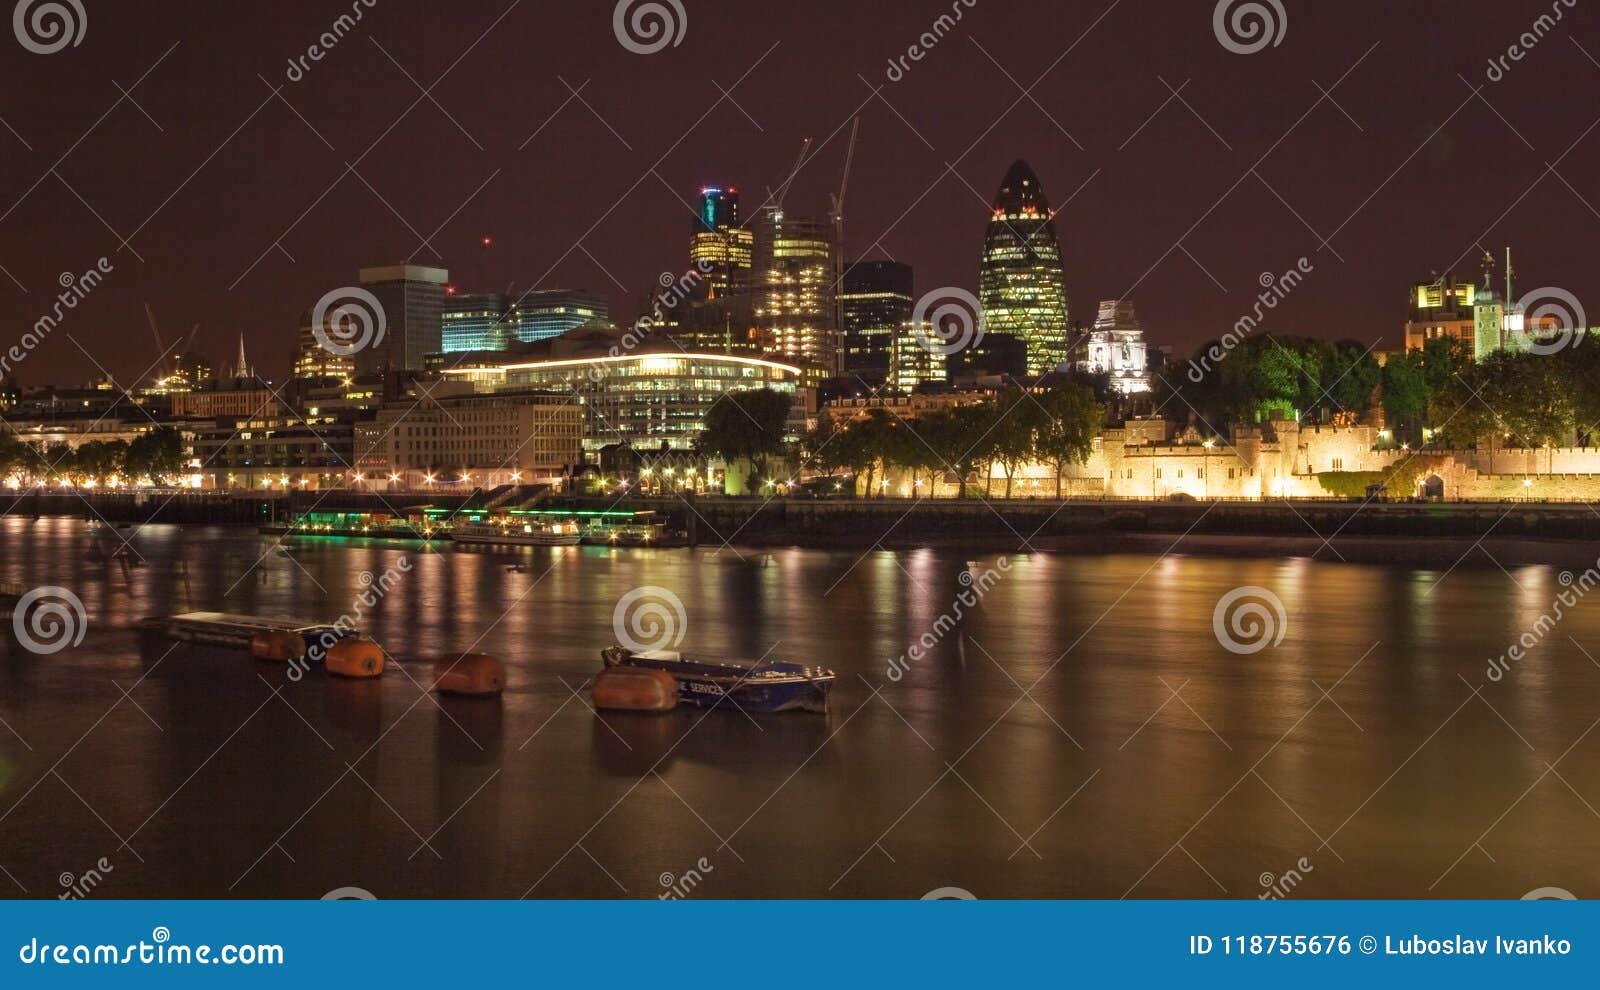 Λονδίνο, Ηνωμένο Βασίλειο - 7 Οκτωβρίου 2006: Όχθη ποταμού του Τάμεση,